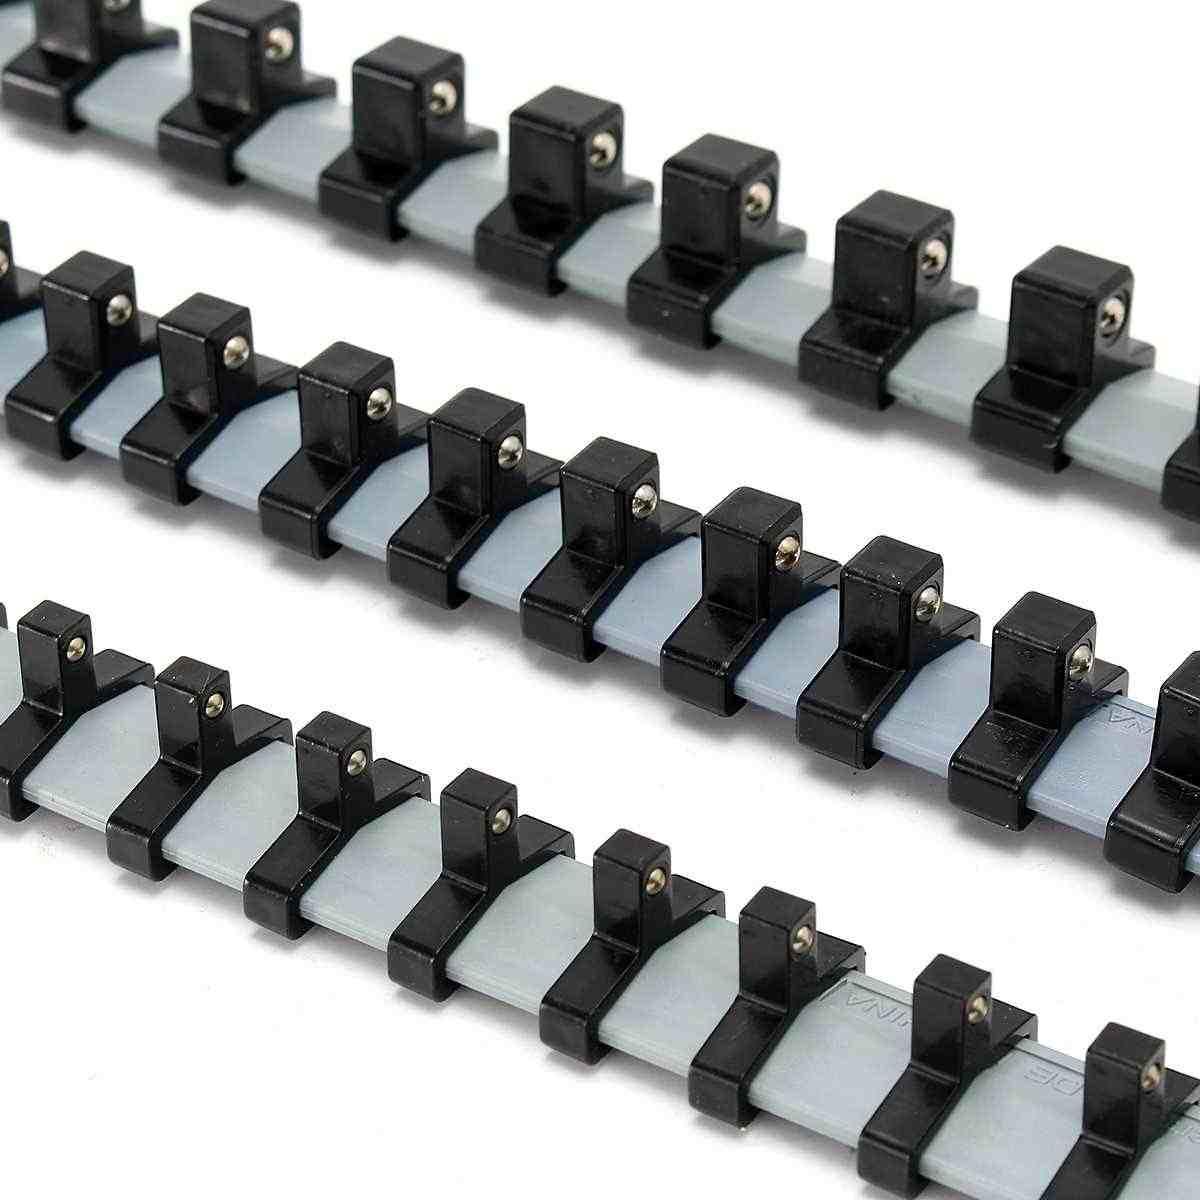 3 Pcs Kunststoff Wand-Montage Buchse Rack Lagerung Divider Fach Halter Regal Organizer 1/4 3/8 1/2 Zoll Für Hause industrie Garage